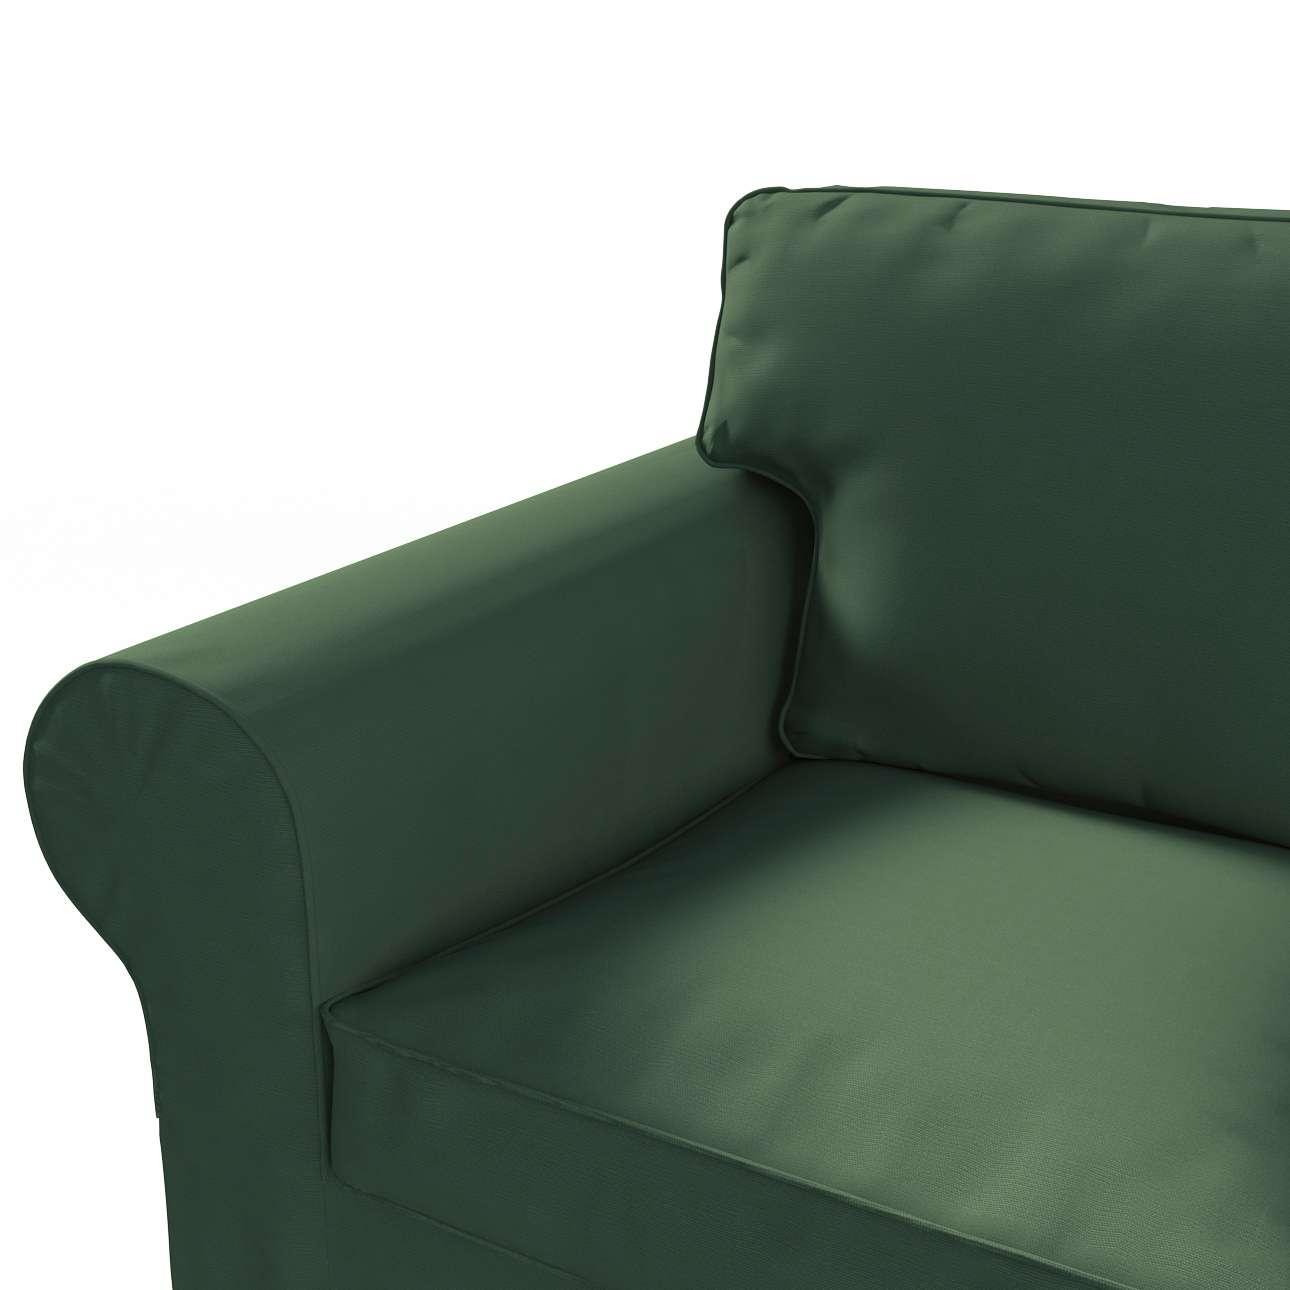 Potah na pohovku IKEA  Ektorp 3-místná, nerozkládací pohovka Ektorp 3-místná v kolekci Cotton Panama, látka: 702-06